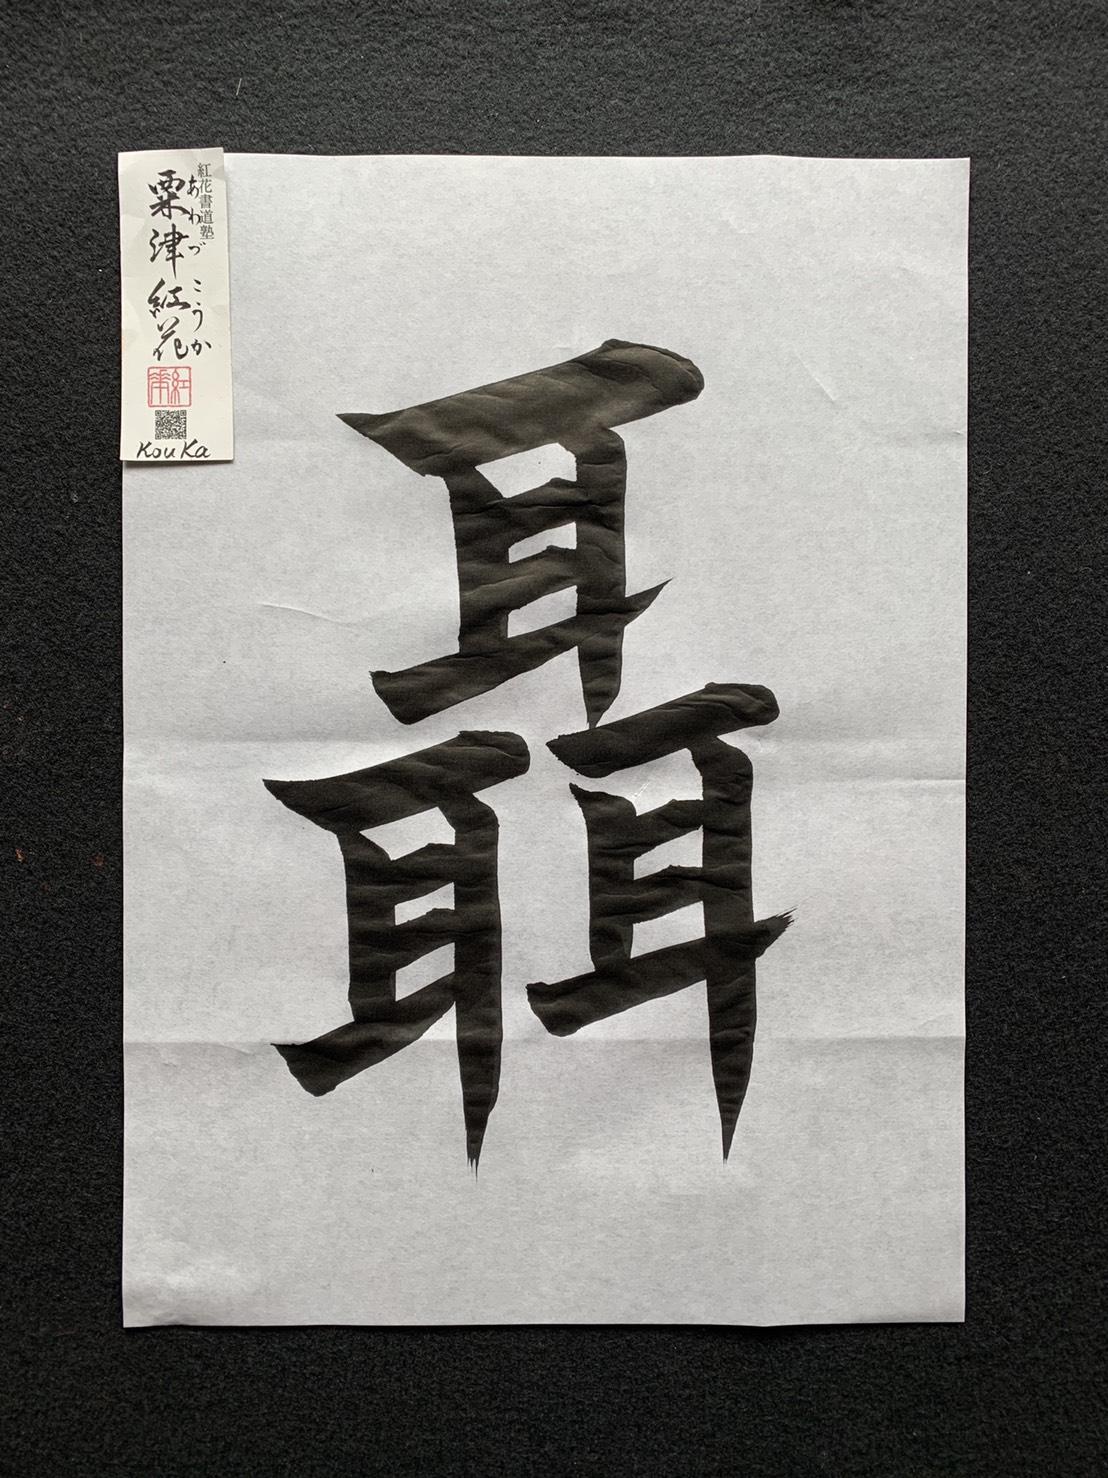 を 漢字 成功 おさめる